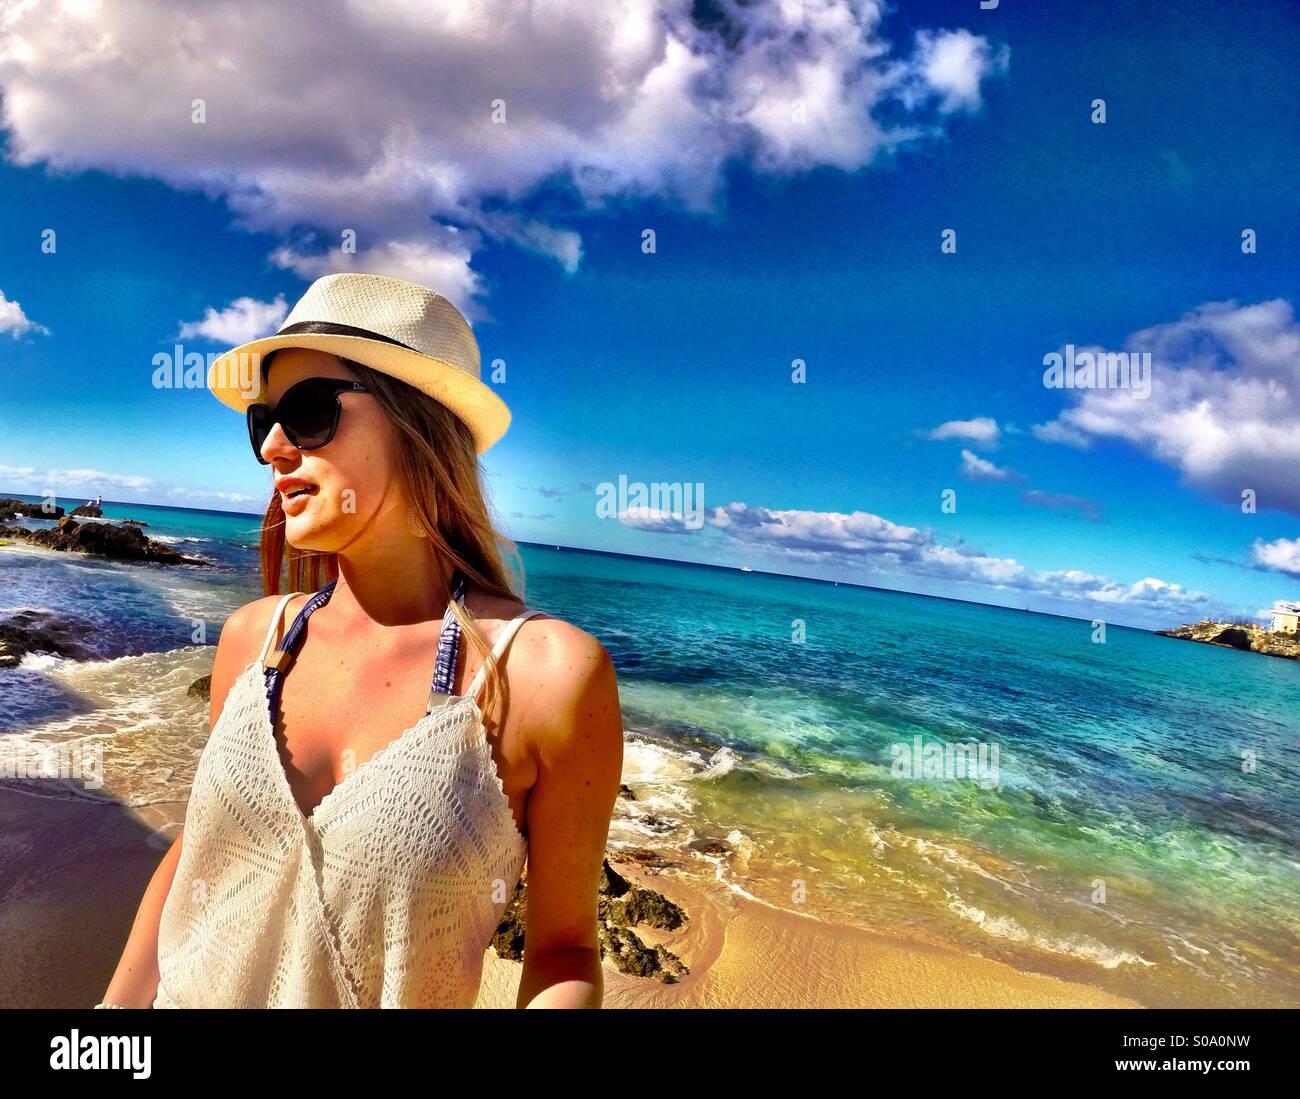 Le mode de vie des caraïbes - mode, détente, plage, nuances de bleu Photo Stock